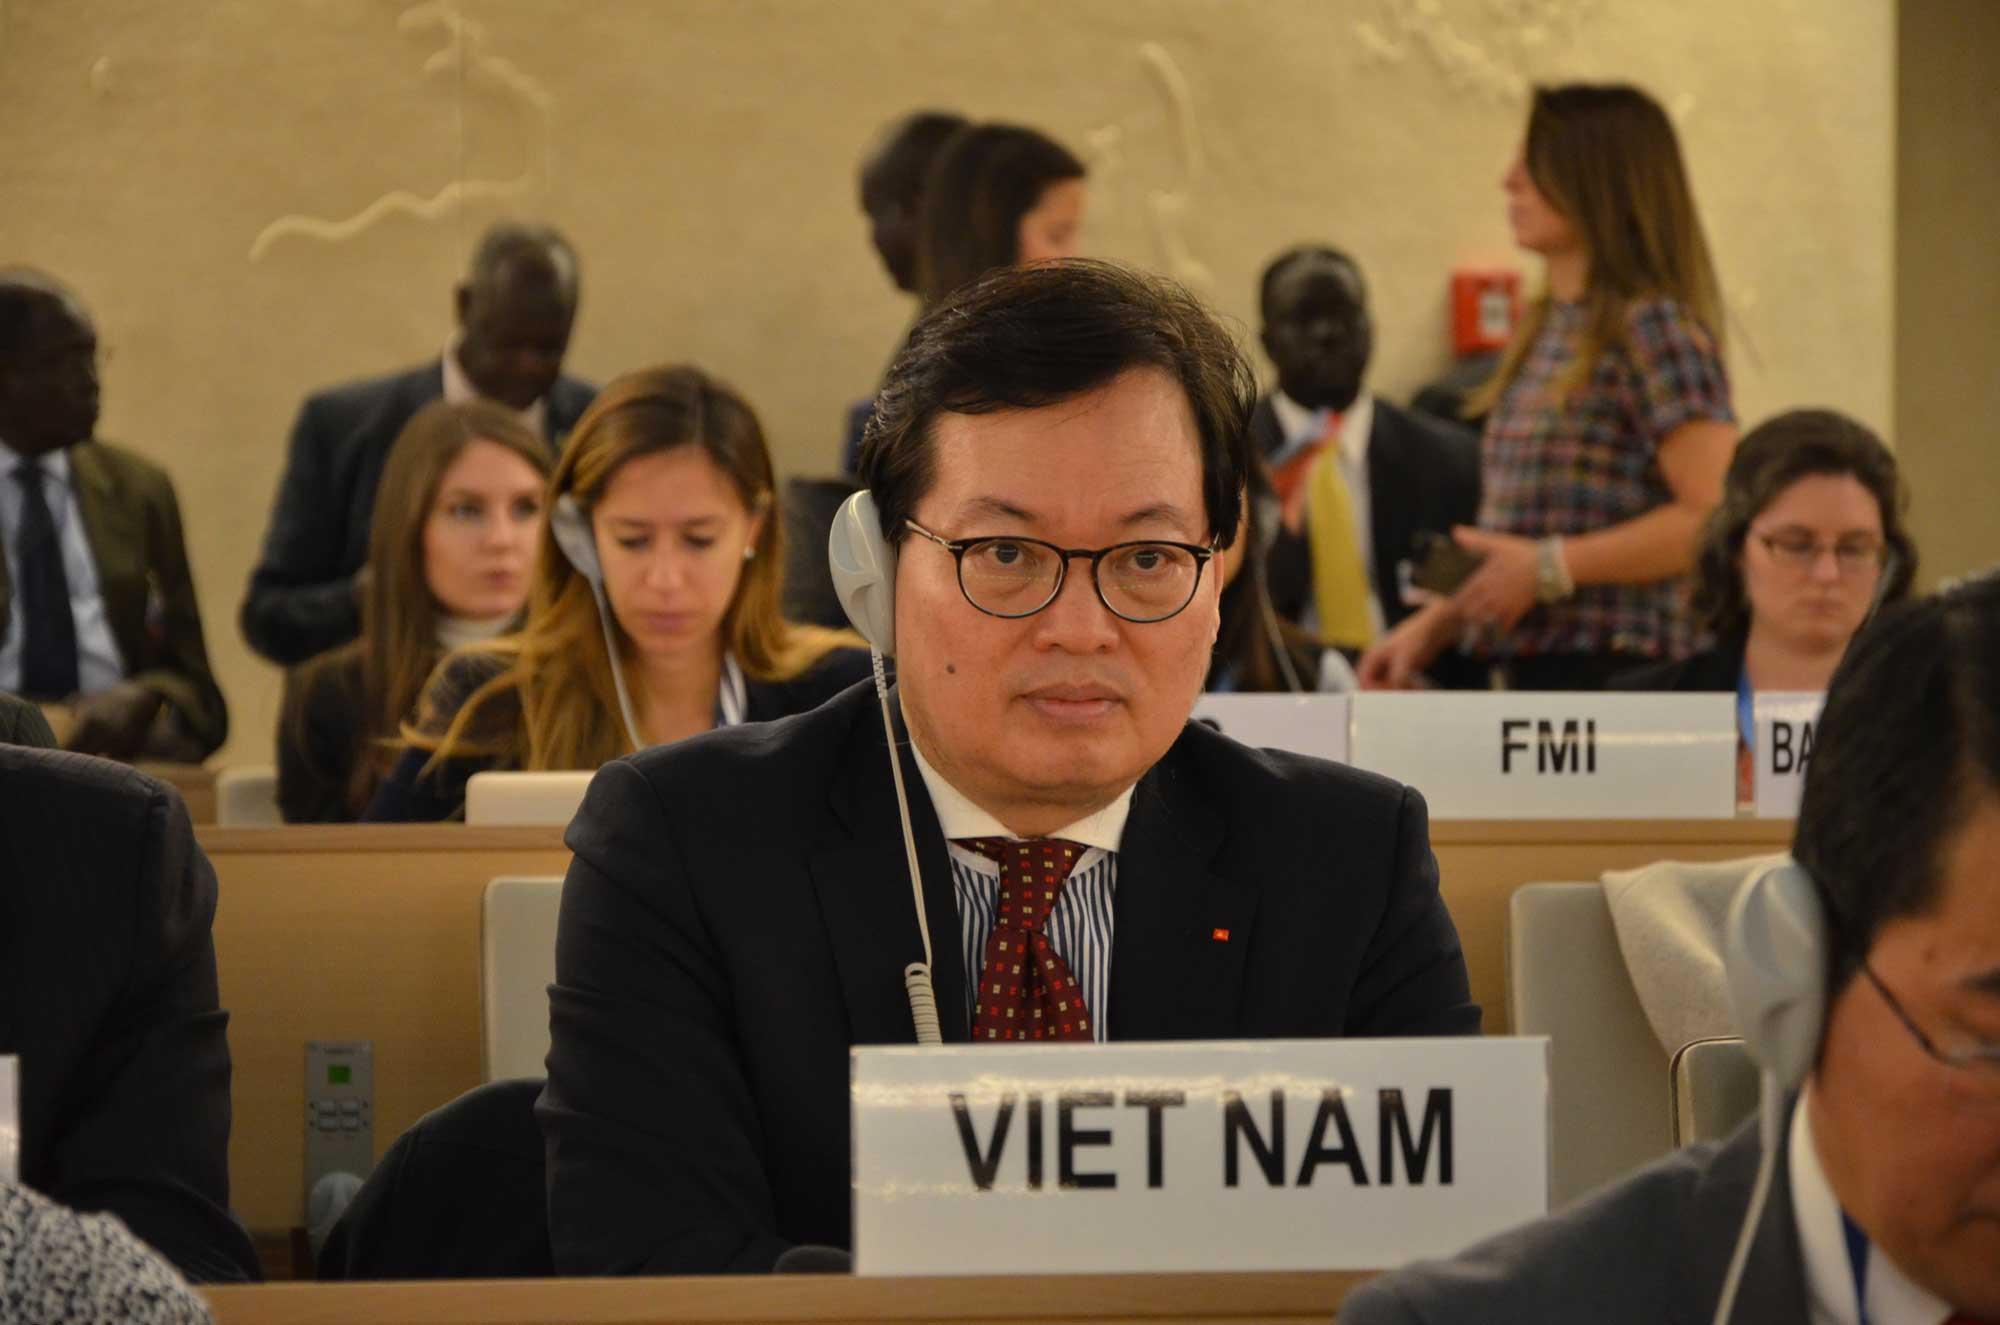 Hội đồng nhân quyền LHQ thông qua Nghị quyết về Biến đổi khí hậu và quyền con người